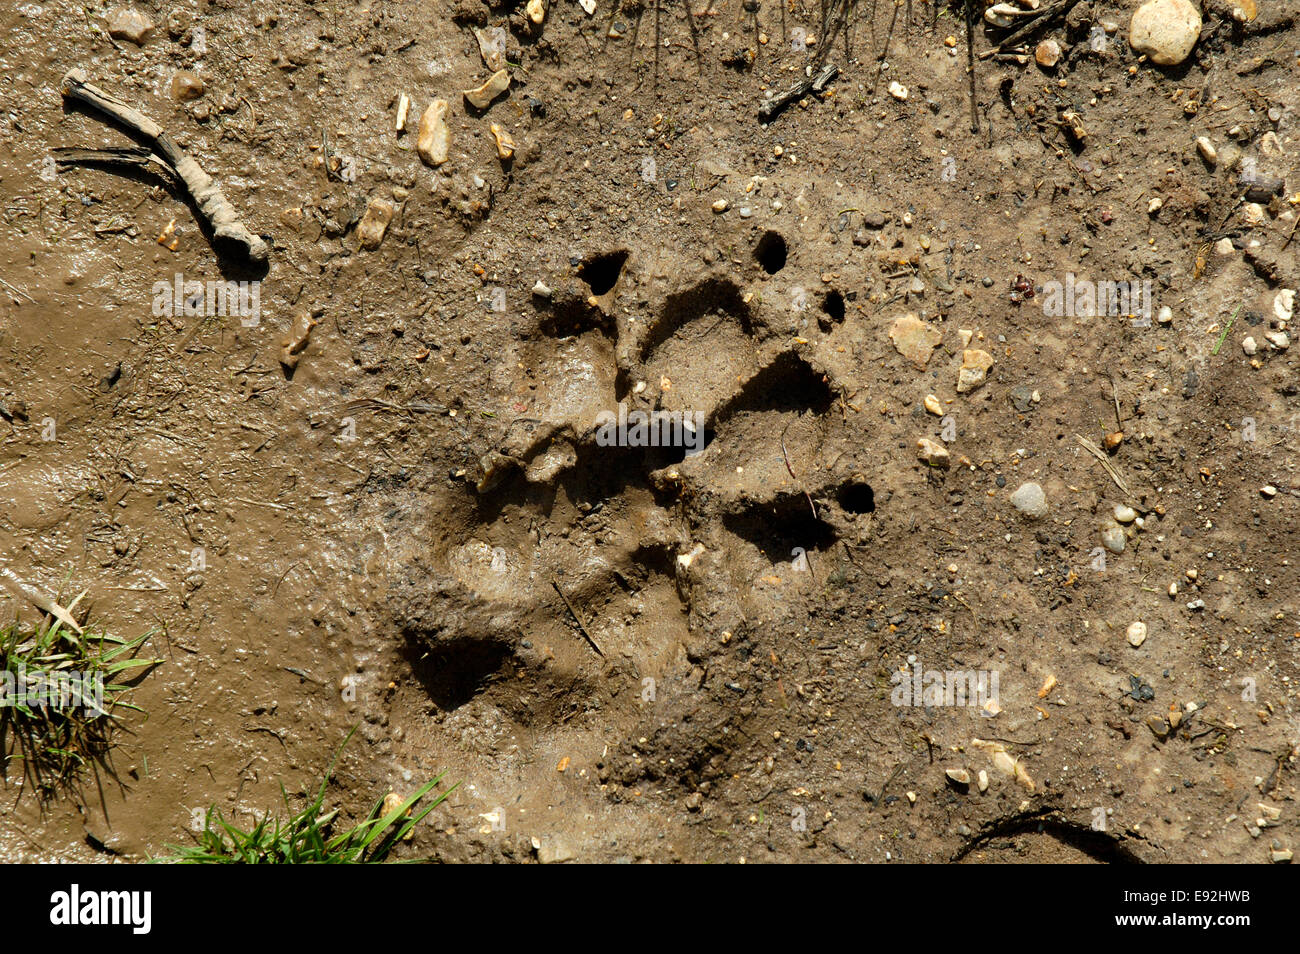 Dog Print - Canis lupus familiaris - Stock Image